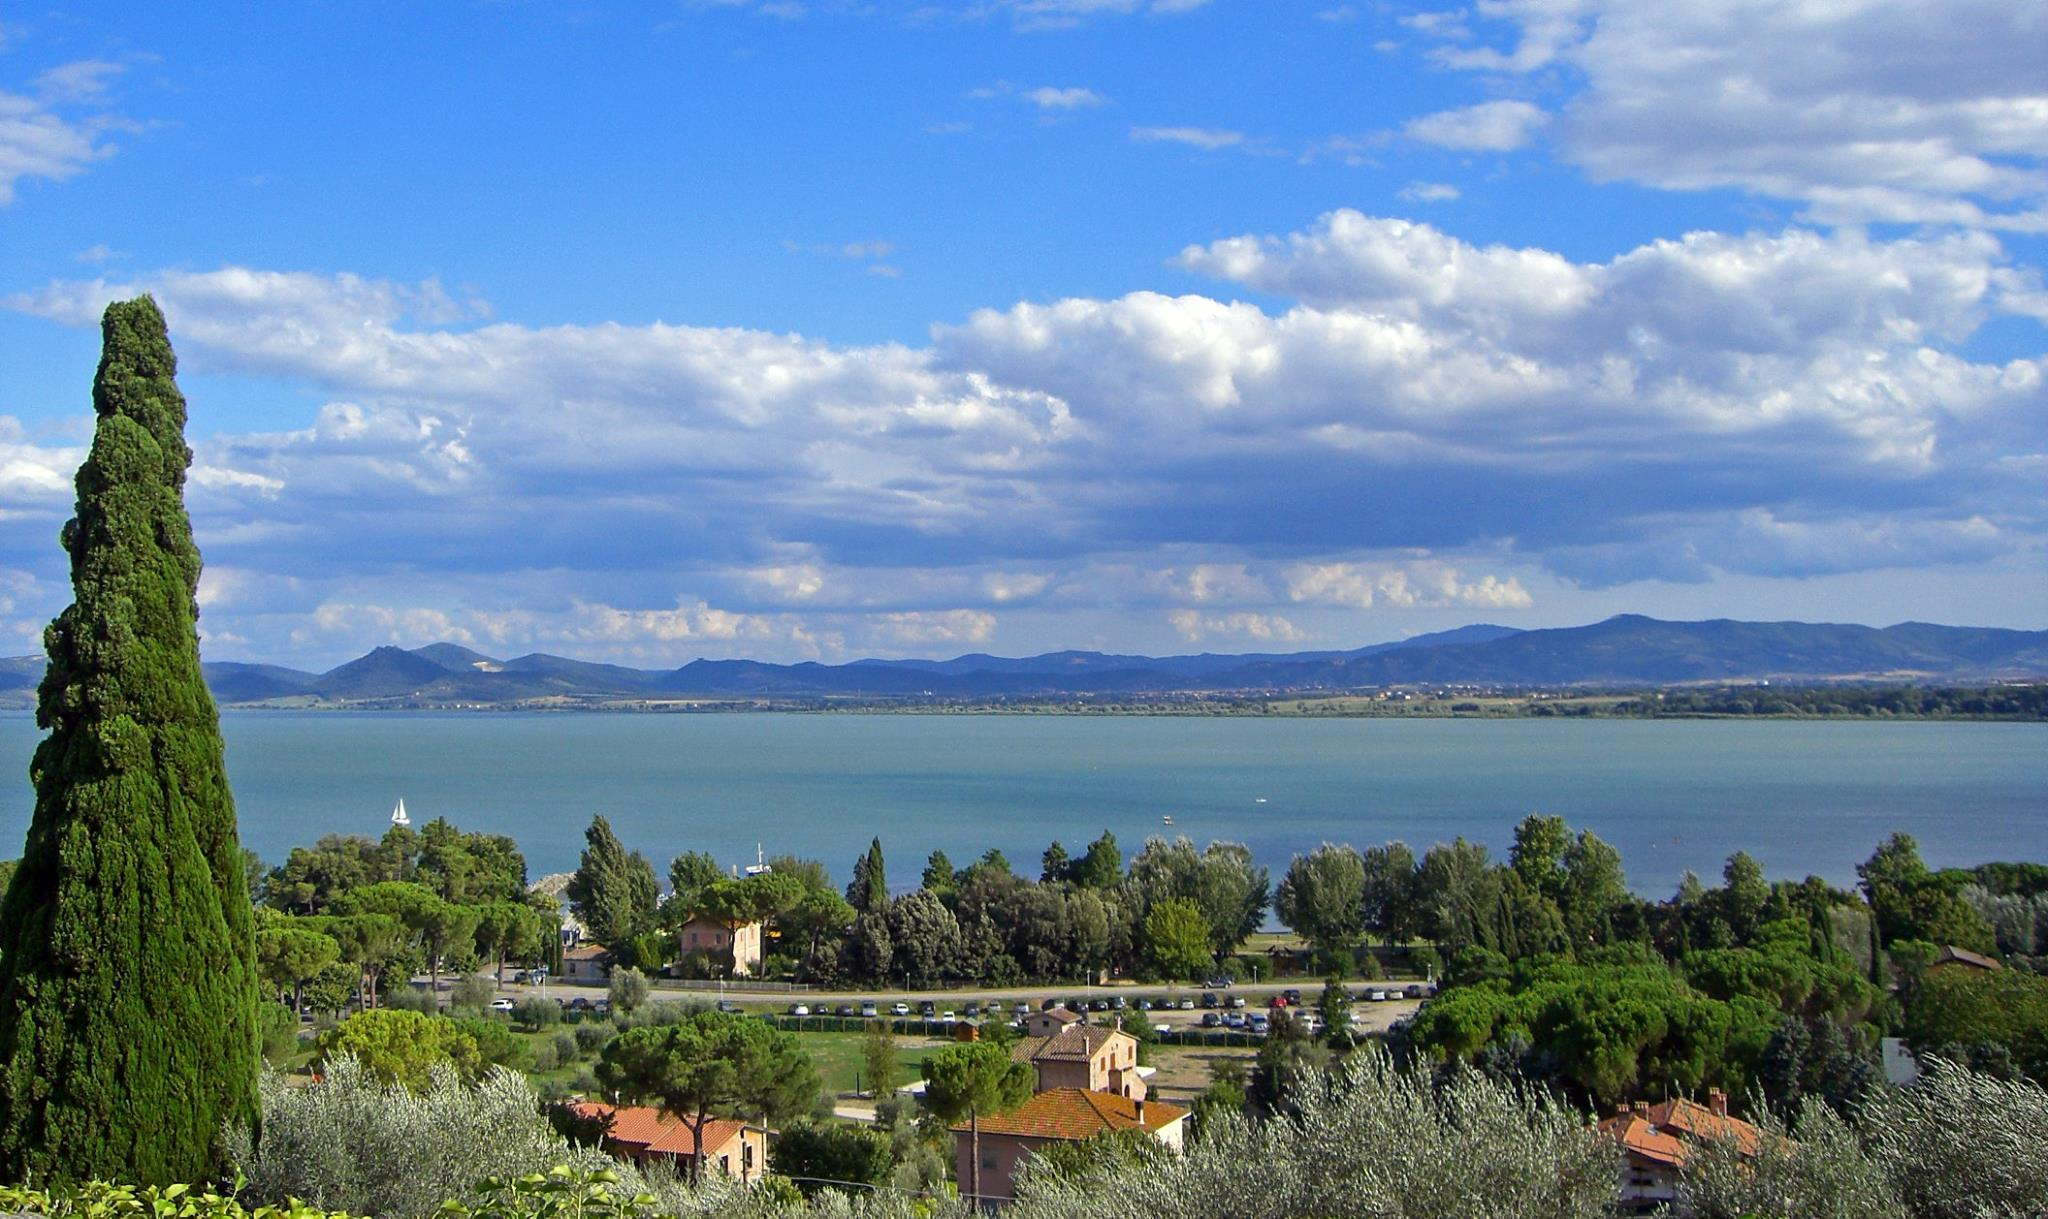 Lago trasimeno, Umbria